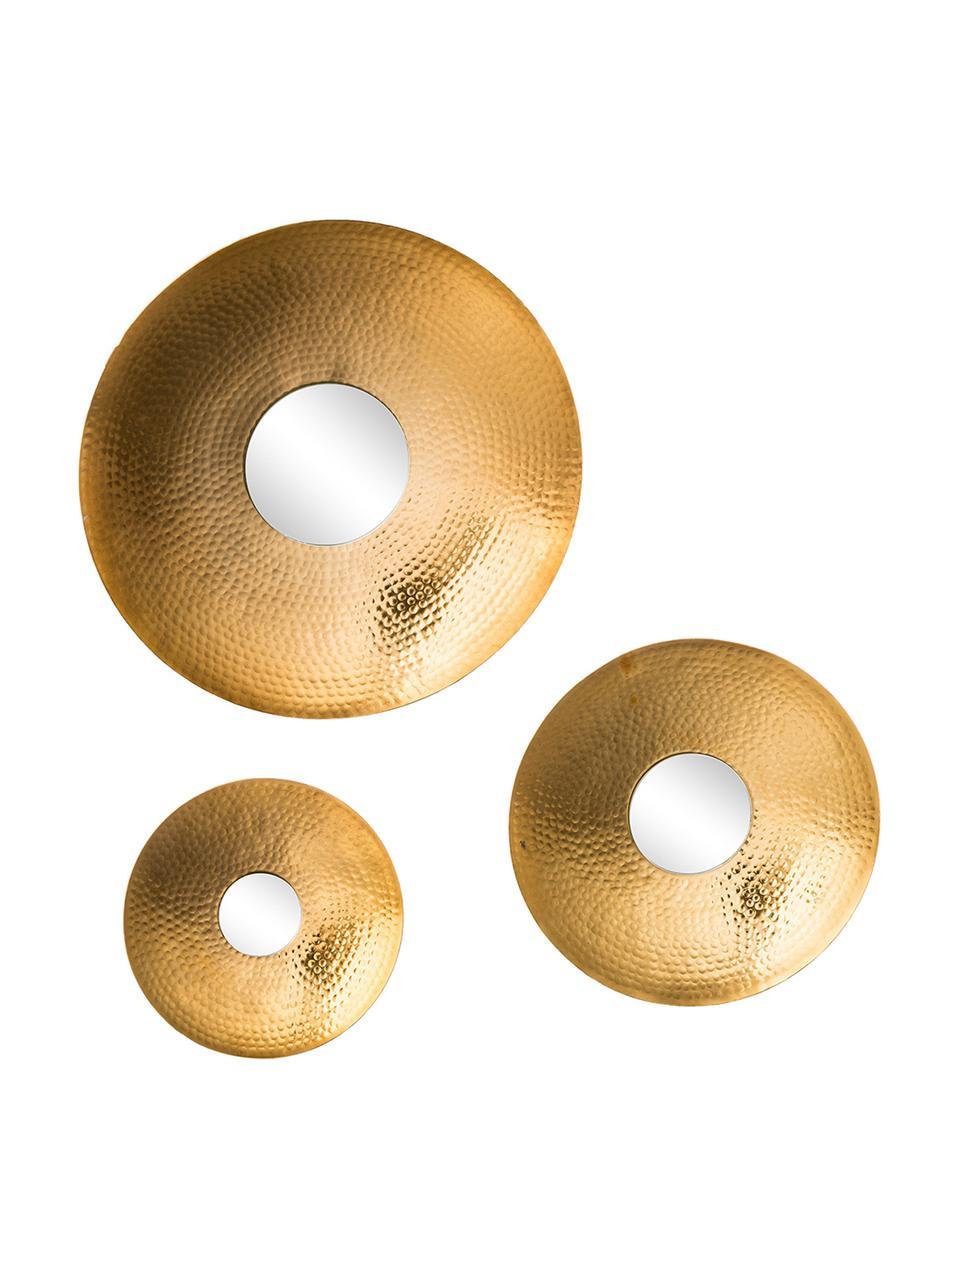 Wandspiegel-Set Eyes mit gehämmertem Rahmen, 3-tlg, Rahmen: Aluminium, gehämmert und , Spiegelfläche: Spiegelglas, Goldfarben, Sondergrößen